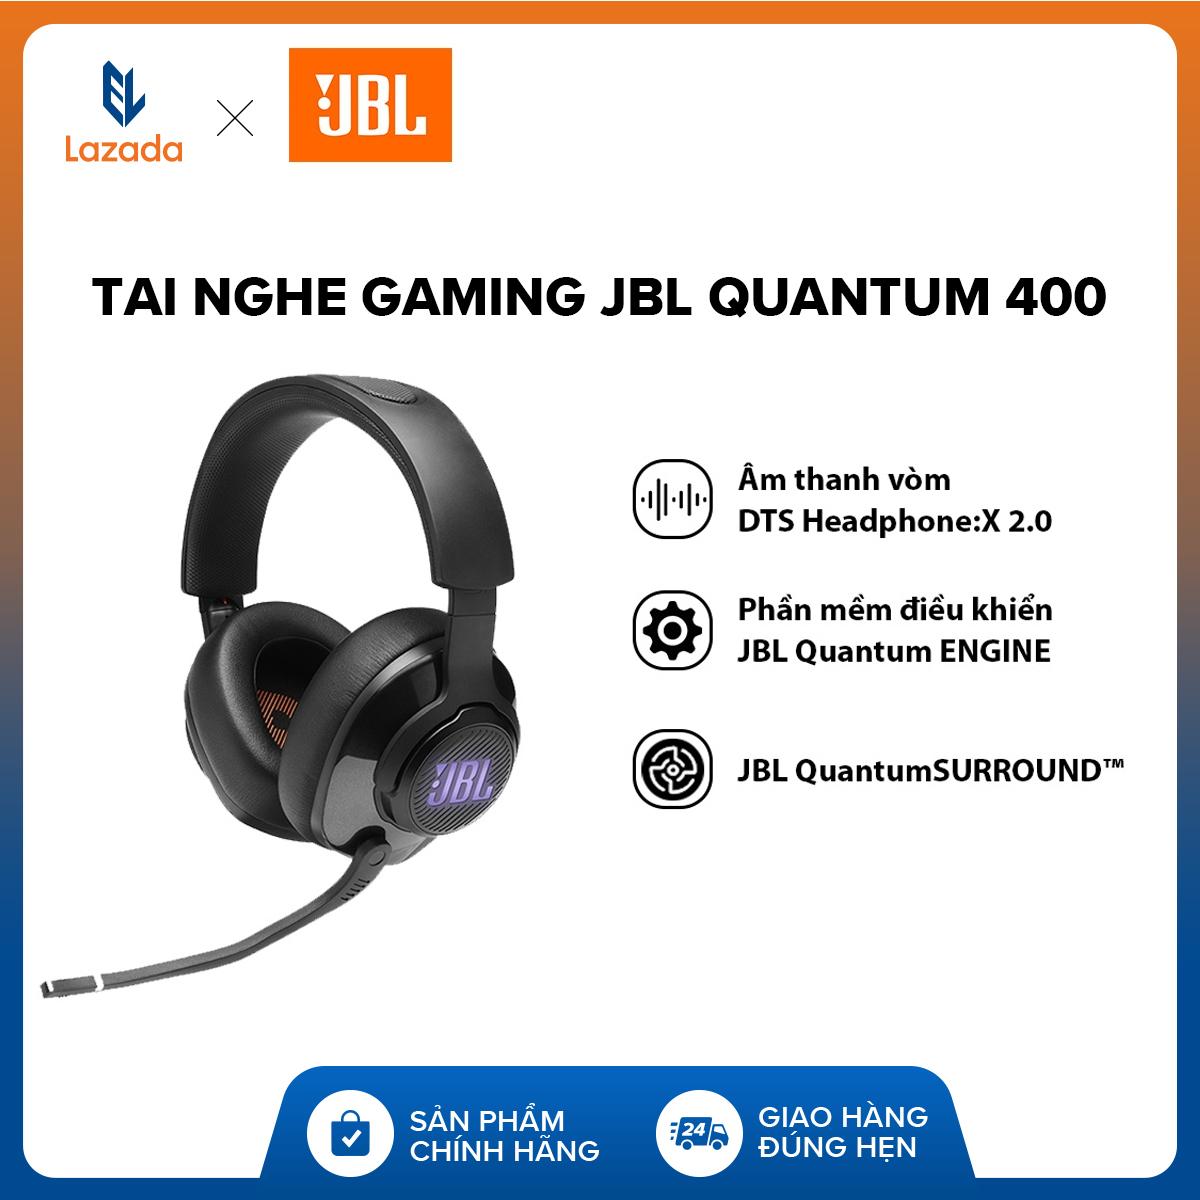 Giá Sốc Duy Nhất Hôm Nay Khi Mua [VOUCHER 10% - HÀNG CHÍNH HÃNG] Tai Nghe Gaming JBL Quantum 400 L Âm Thanh Vòm DTS Headphone:X 2.0 L Công Nghệ QuantumSOUND Signature L Phần Mềm điều Khiển JBL QuantumENGINE